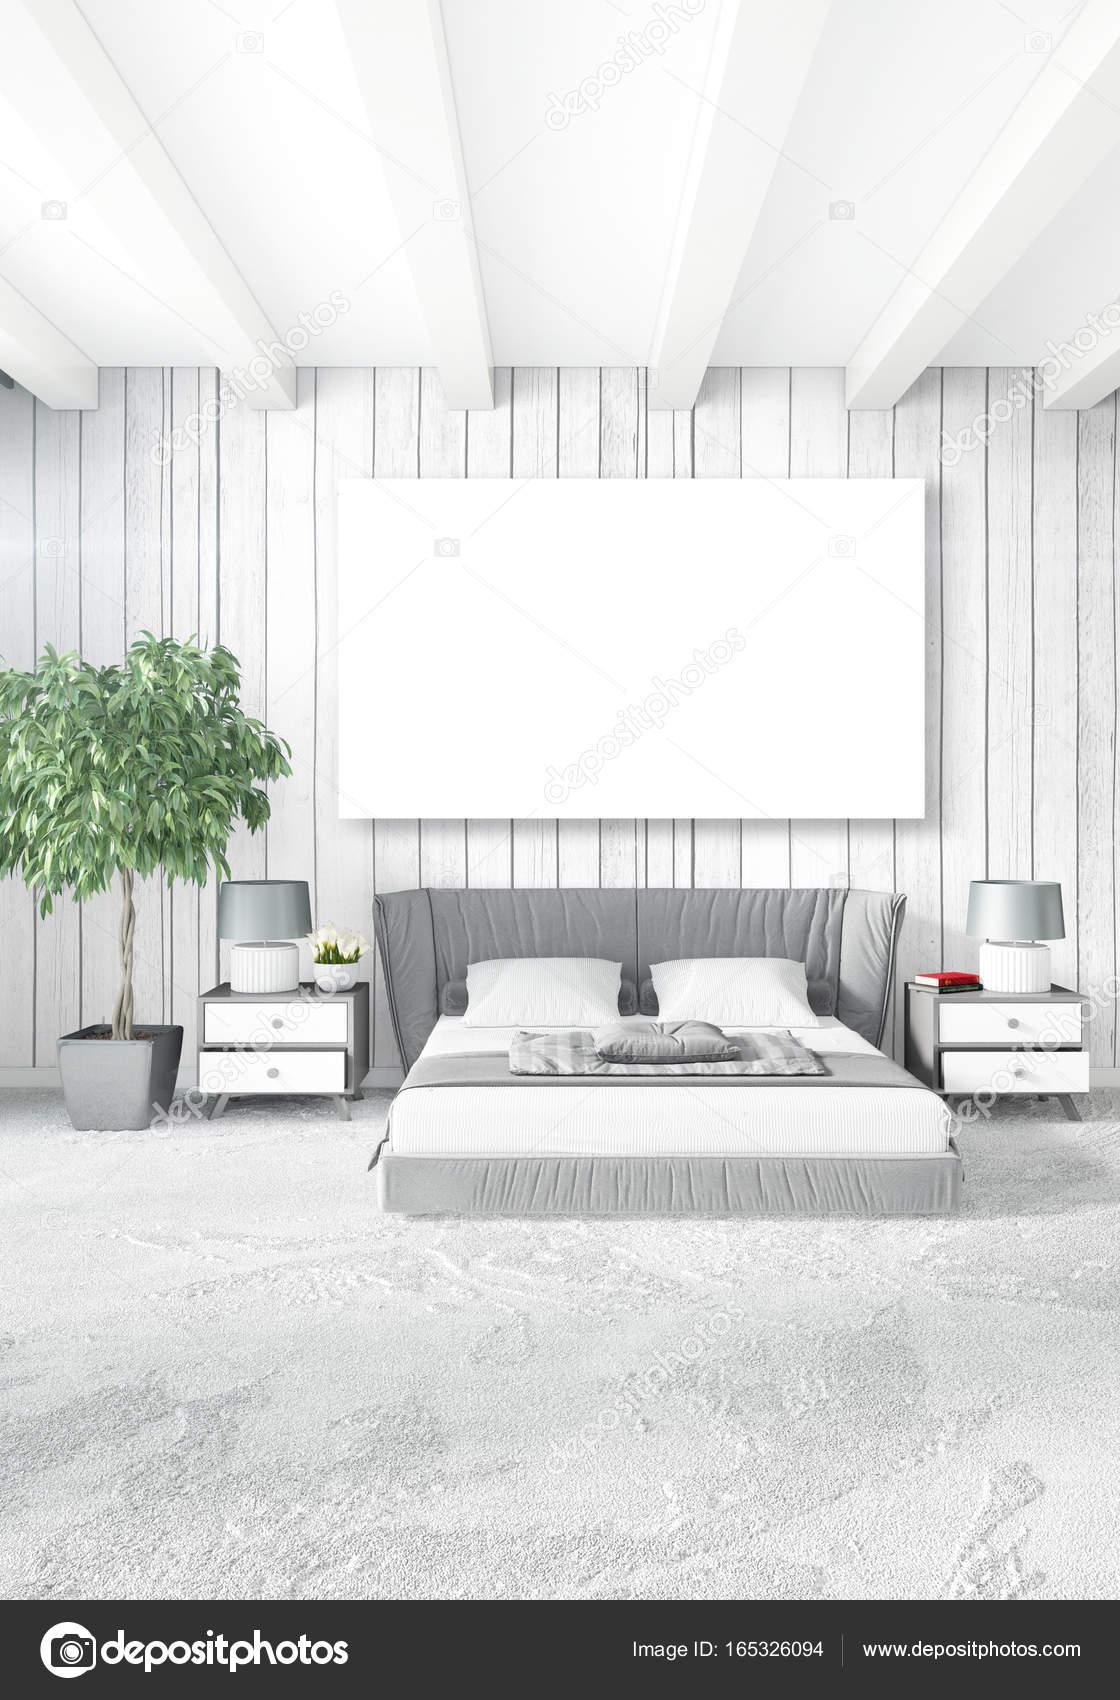 Modernes Design Loft Innen Schlafzimmer Oder Wohnzimmer Mit Vielseitigen  Wand Mit Raum. 3D Rendering U2014 Foto Von Elsar77